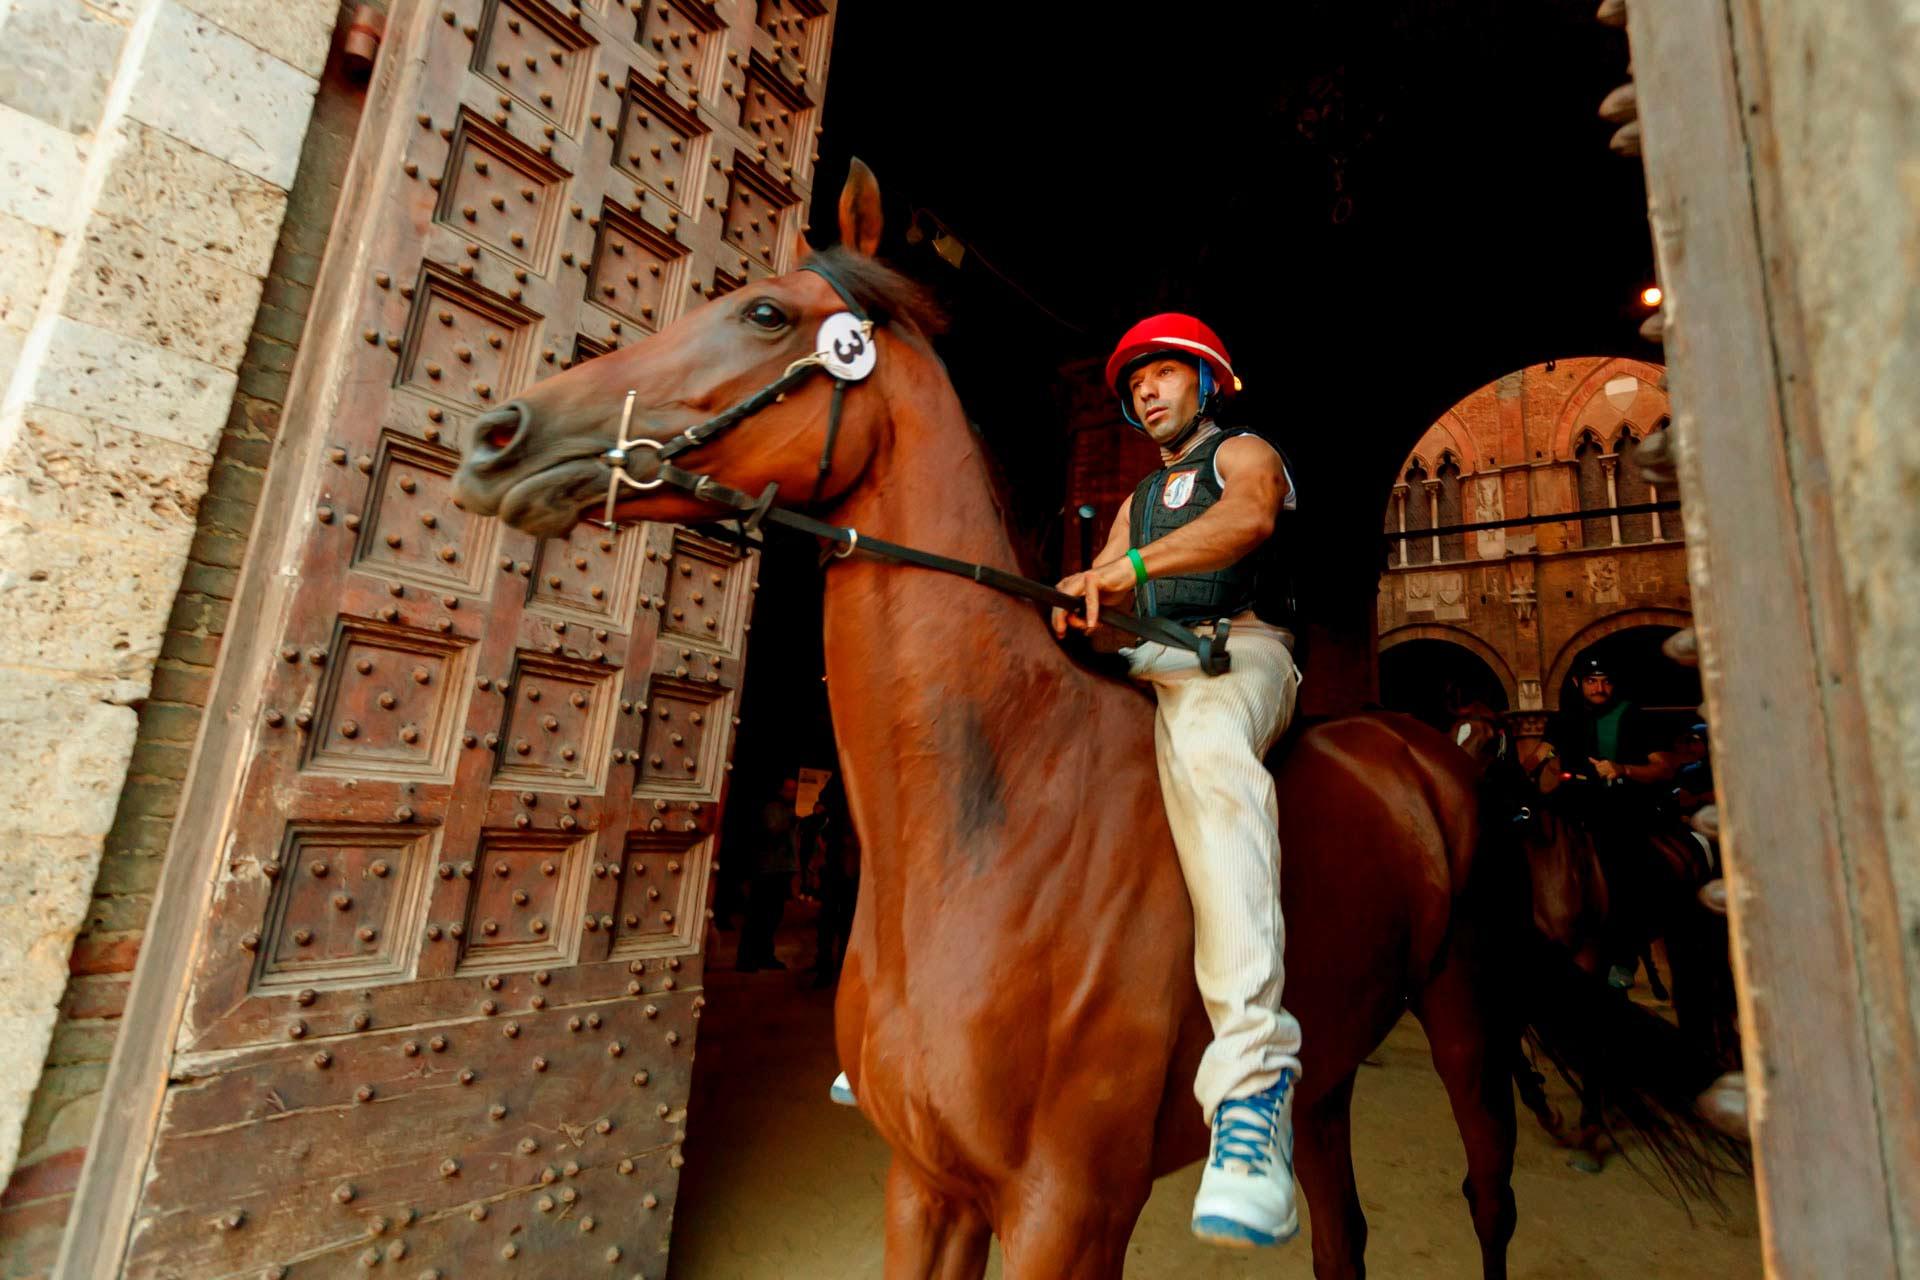 LE CORSE DI NOTTE - La prima ?batteria? ? pronta per scendere in campo. Tutti i cavalli portano un cartello numerato per la loro identificazione attaccato alla testiera.